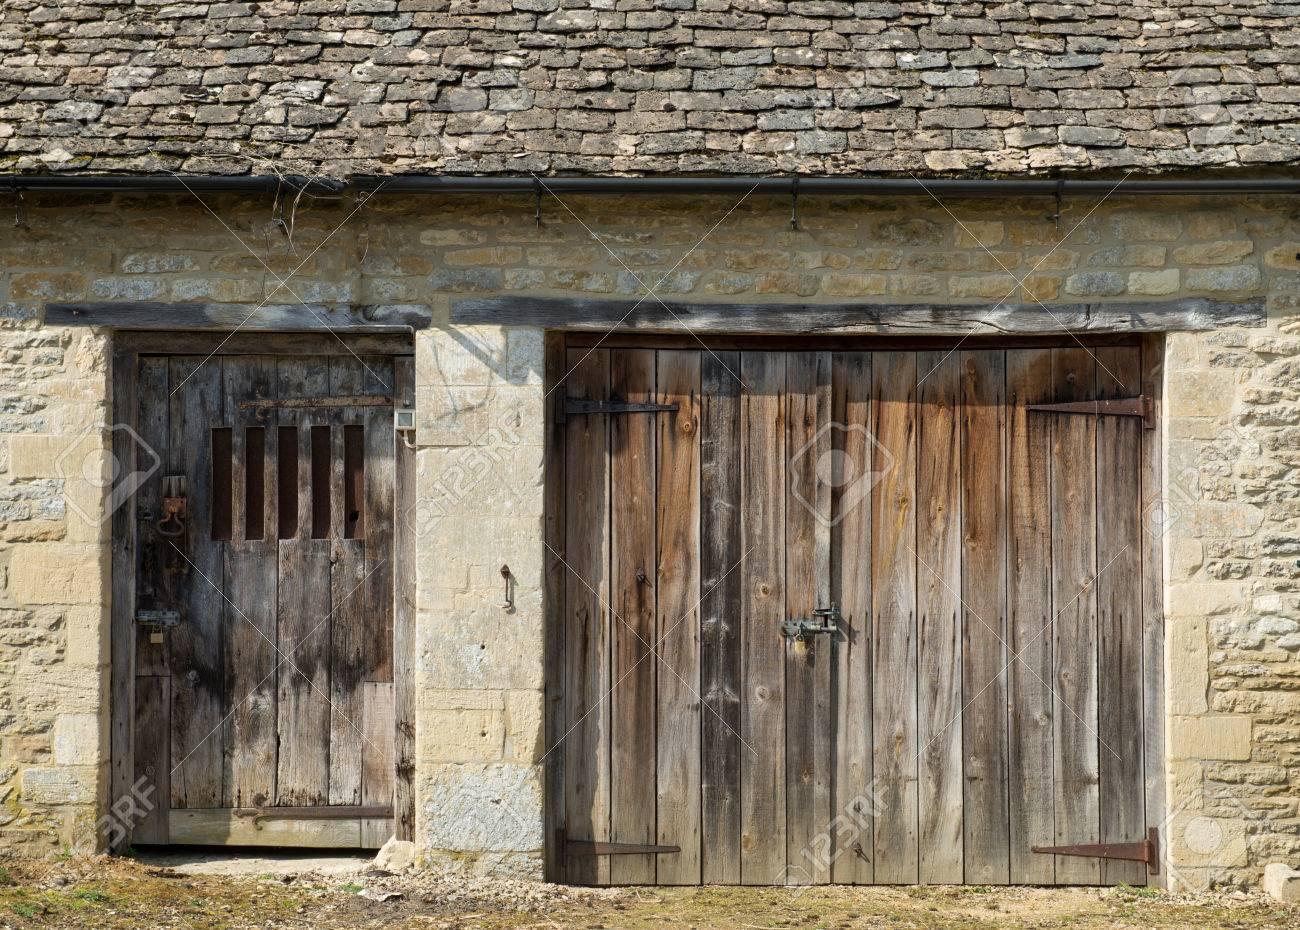 Alte Holztüren alte holztüren in einer scheune aus stein gebaut lizenzfreie fotos